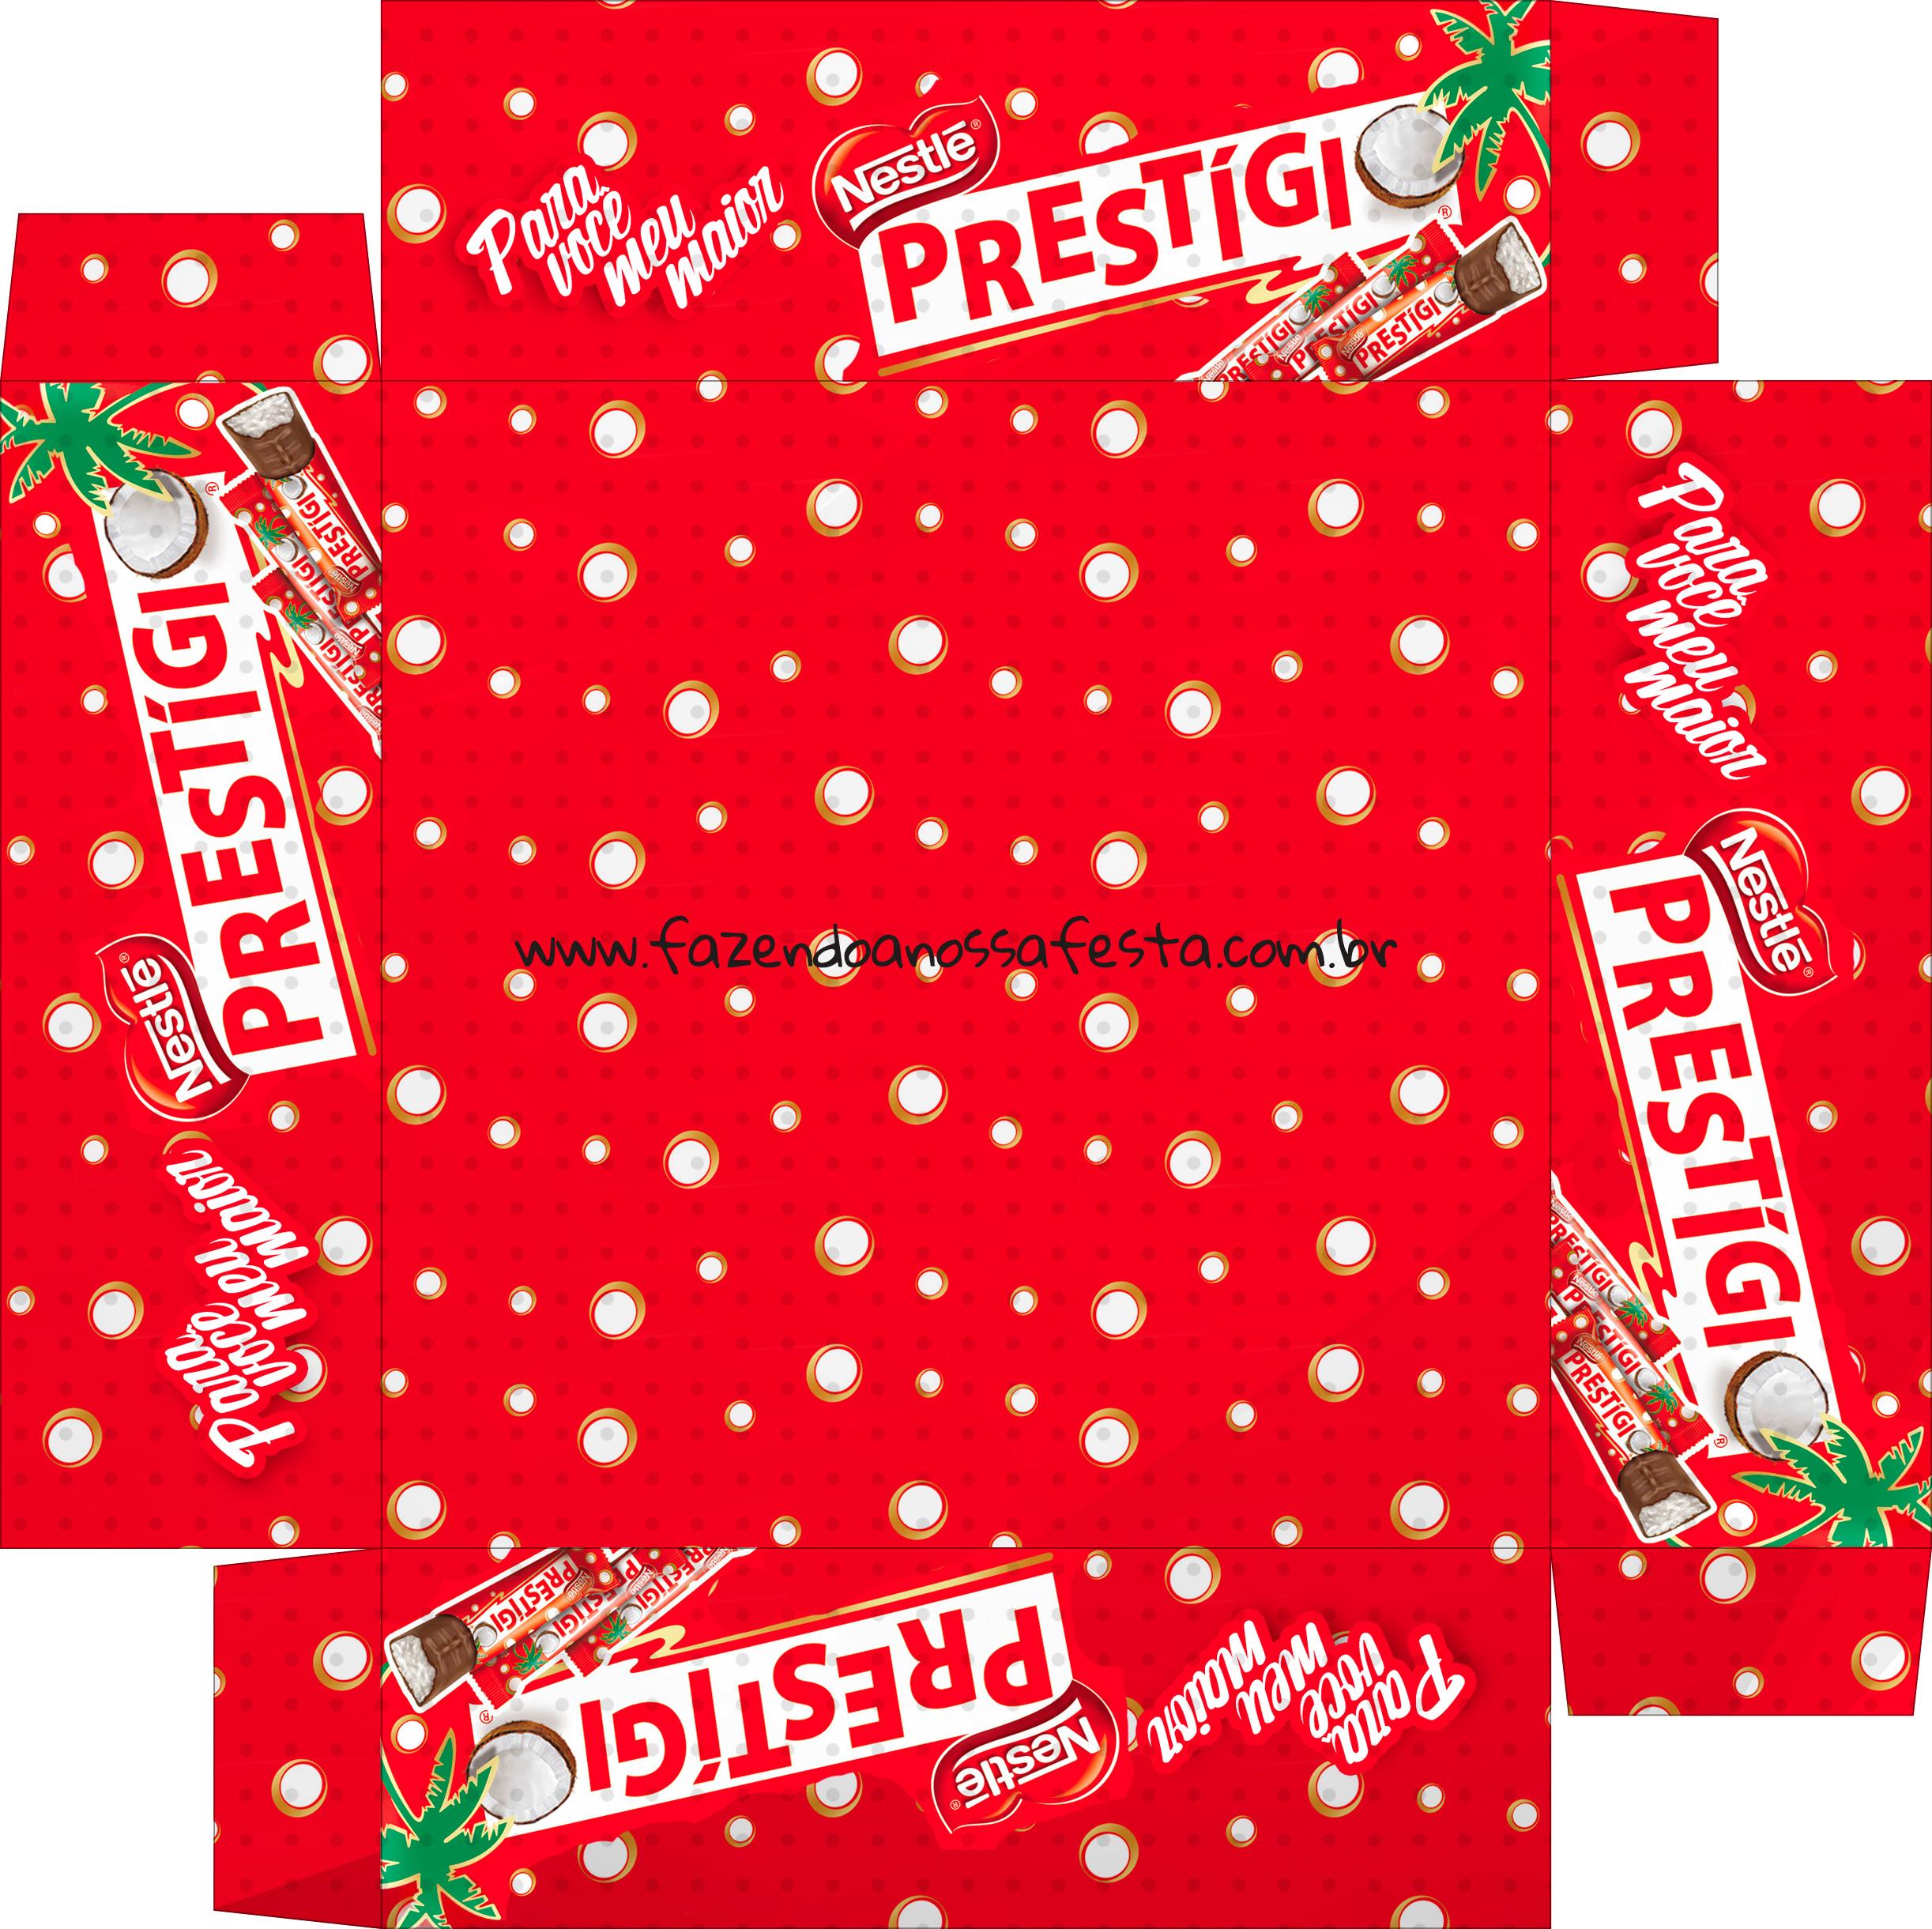 Caixa de Bombom Dia dCaixa de Bombom Dia dos Namorados Prestígio - Parte de baixoos Namorados Prestígio - Parte de baixo